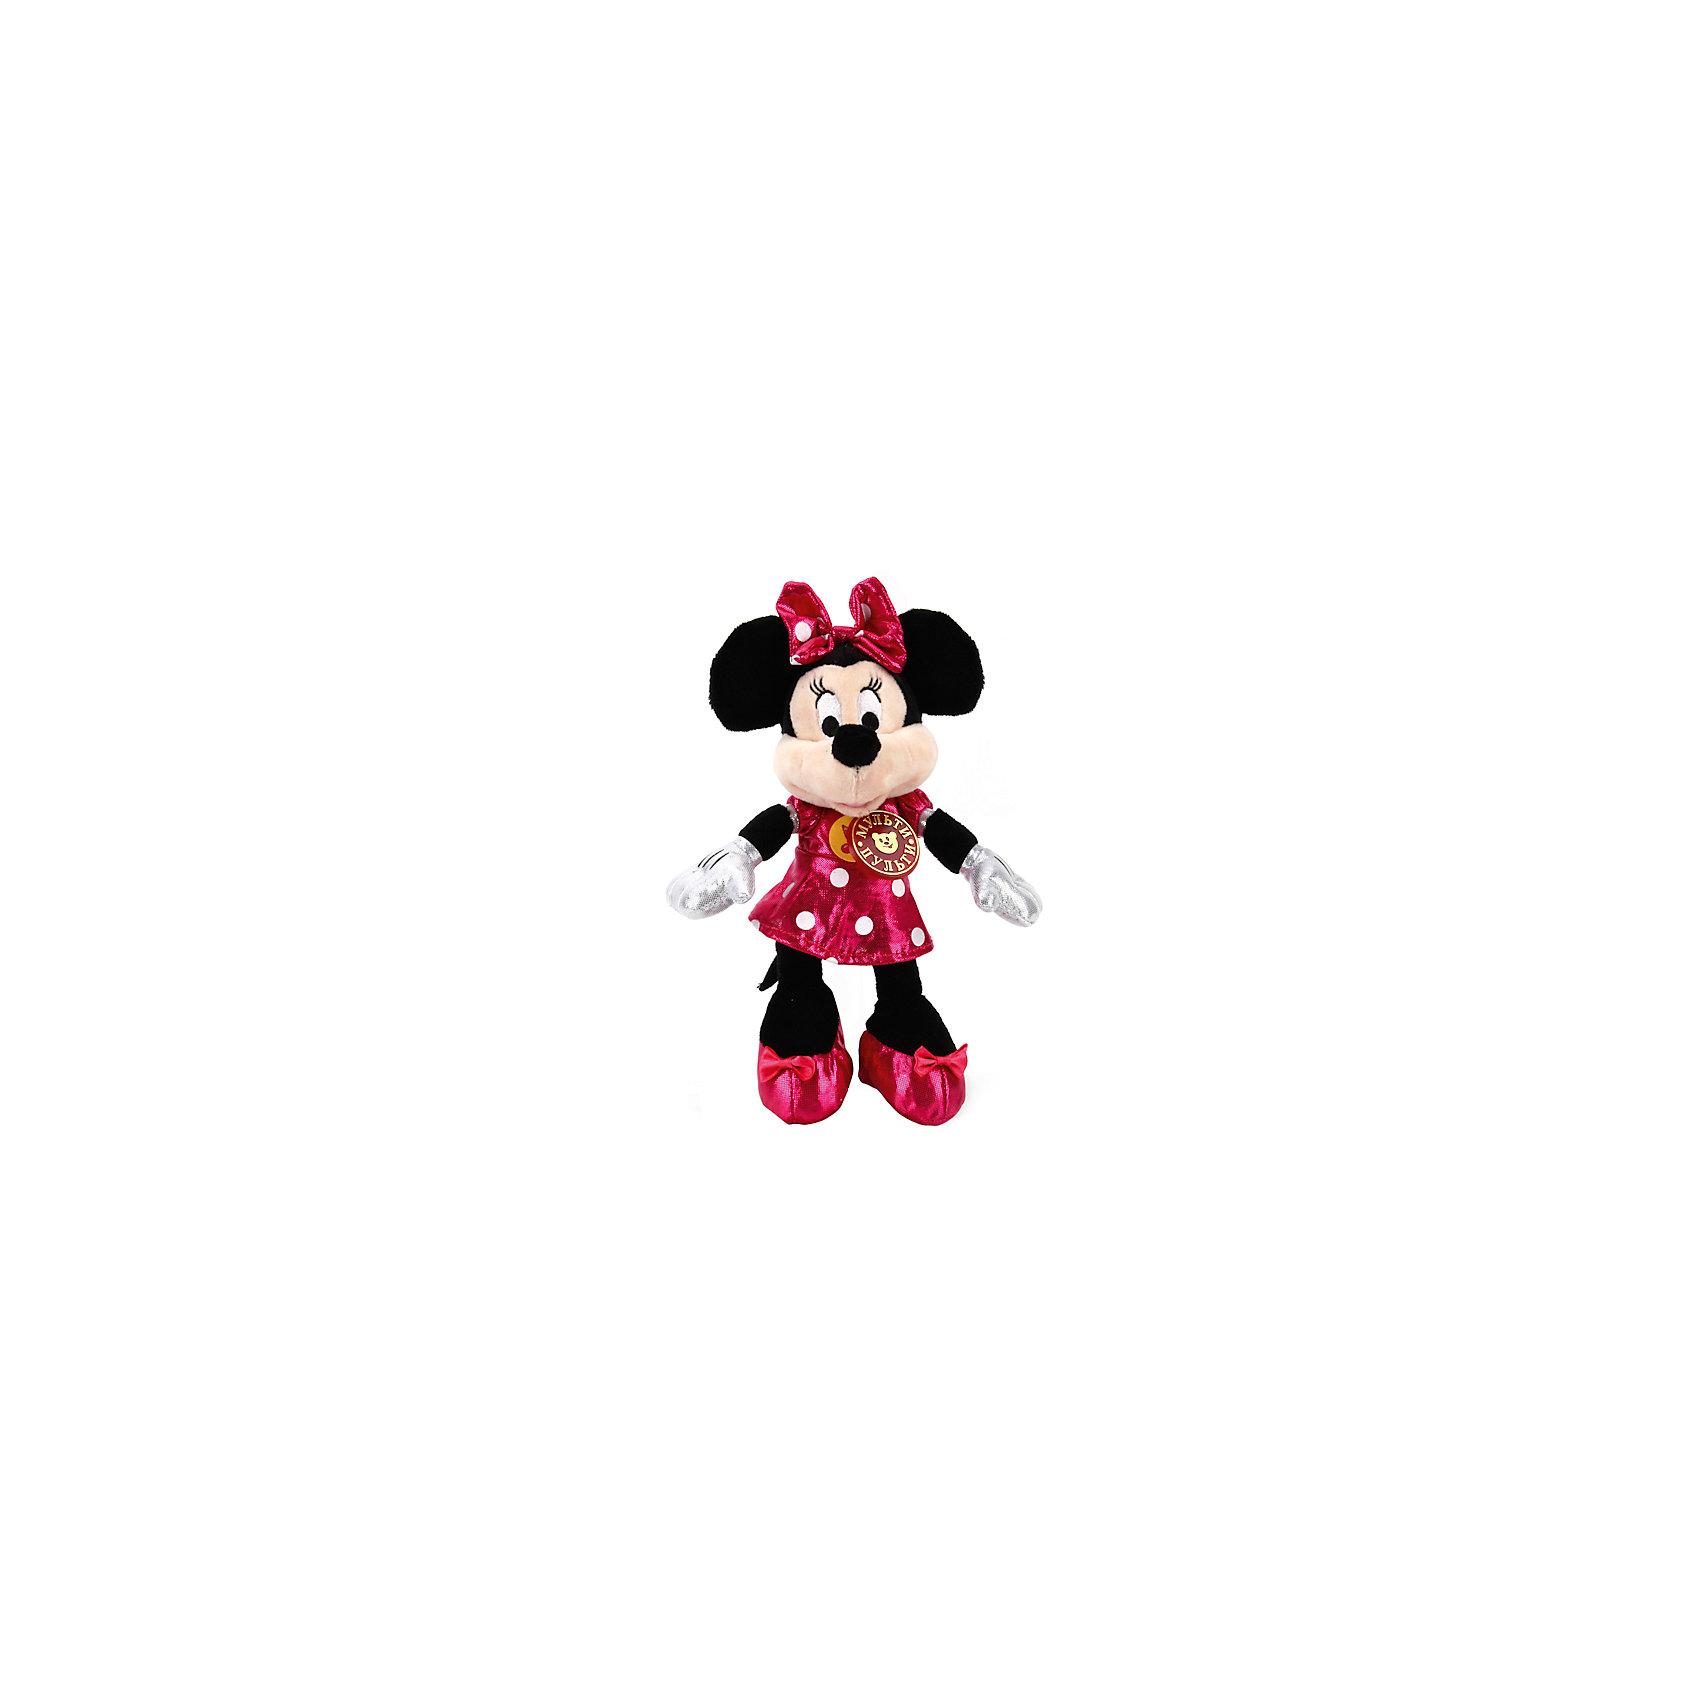 Мягкая игрушка Минни маус 16см, Мульти-пультиЛюбимые герои<br>Очаровательная мышка Минни (Minnie Mouse) порадует всех любительниц мультфильмов Disney. Она знает много веселых фраз, поэтому с ней никогда не будет скучно! Игрушка выполнена из высококачественных гипоаллергенны материалов, очень приятна наощупь, похожа на героиню мультфильма. <br><br>Дополнительная информация:<br><br>- Материал: полиэстер, пластик, искусственный мех.<br>- Размер игрушки: 16 см.<br>- 6 фраз.<br>- Элемент питания: батарейки (в комплекте).<br><br>Мягкую игрушку Минни Маус 16см, Мульти-пульти , можно купить в нашем магазине.<br><br>Ширина мм: 500<br>Глубина мм: 390<br>Высота мм: 370<br>Вес г: 120<br>Возраст от месяцев: 36<br>Возраст до месяцев: 84<br>Пол: Унисекс<br>Возраст: Детский<br>SKU: 4408256